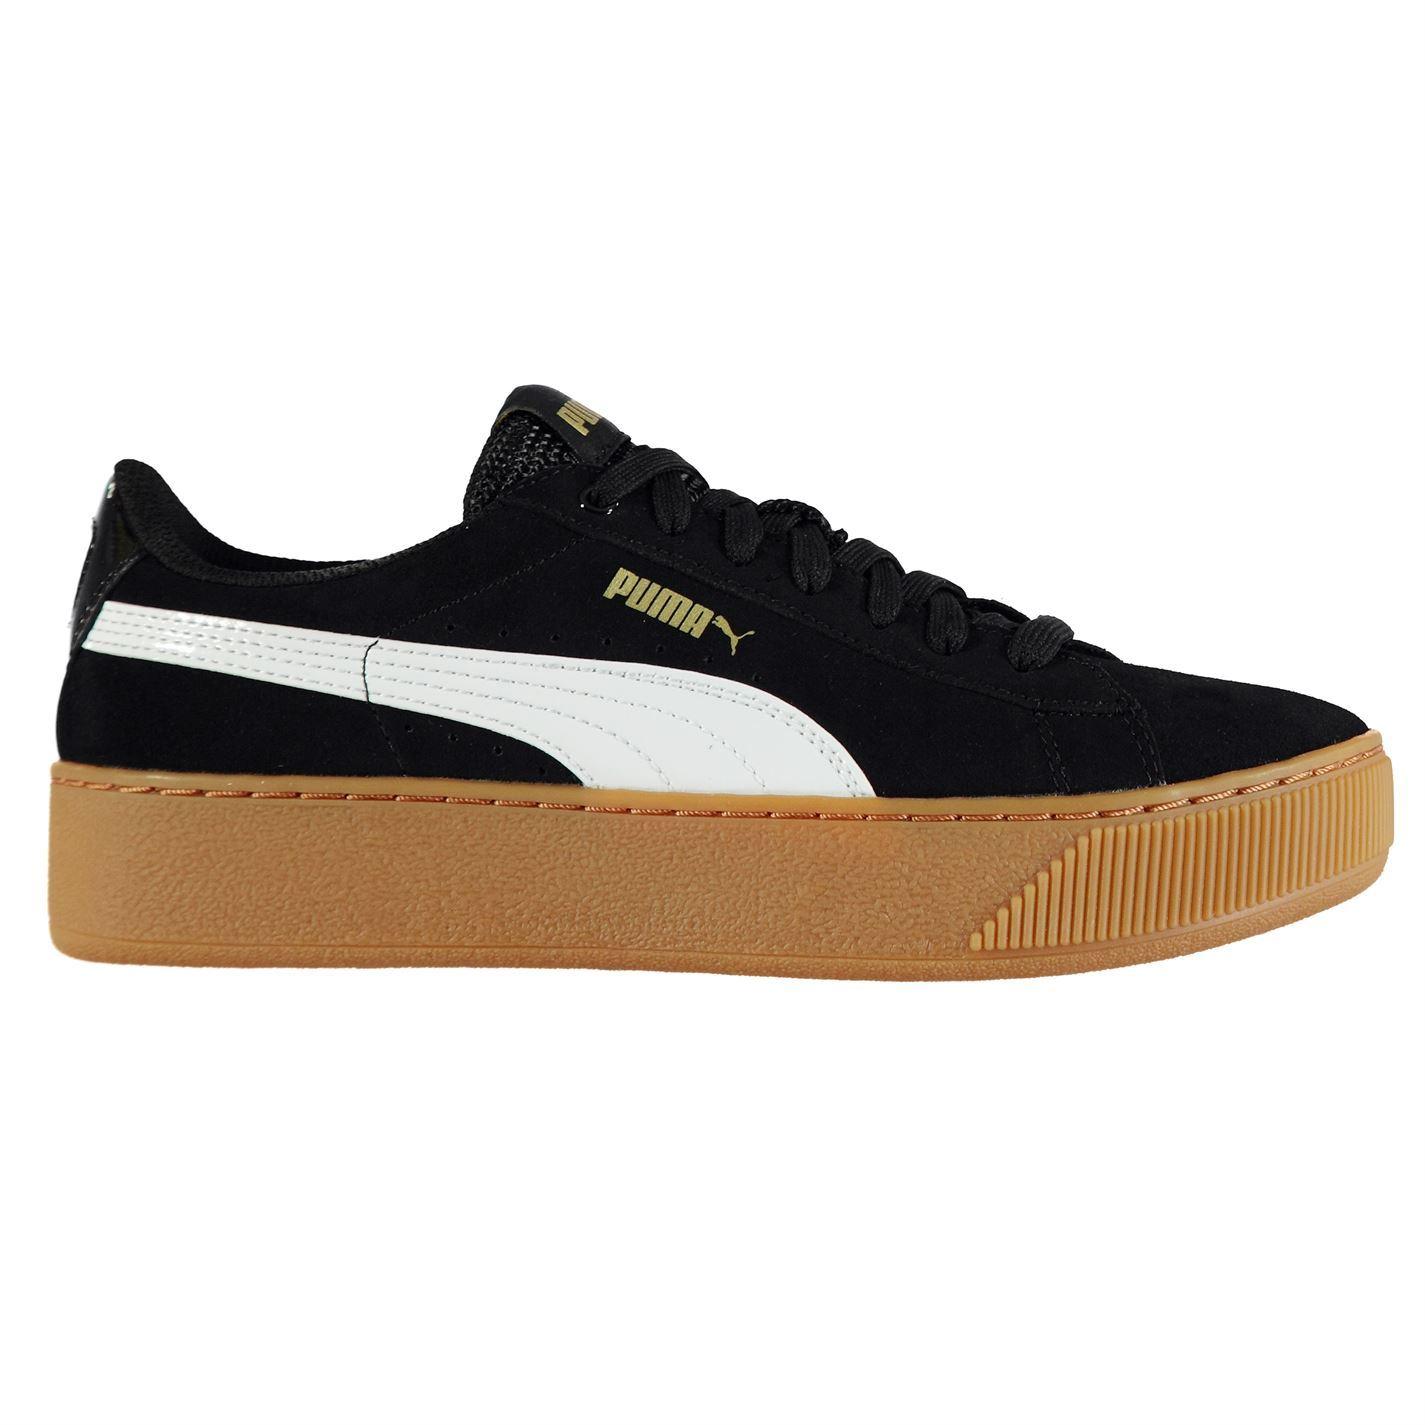 53557bd116d8f ... Vikky plataforma Puma zapatillas mujer negro zapatillas zapatillas de  deportes ...